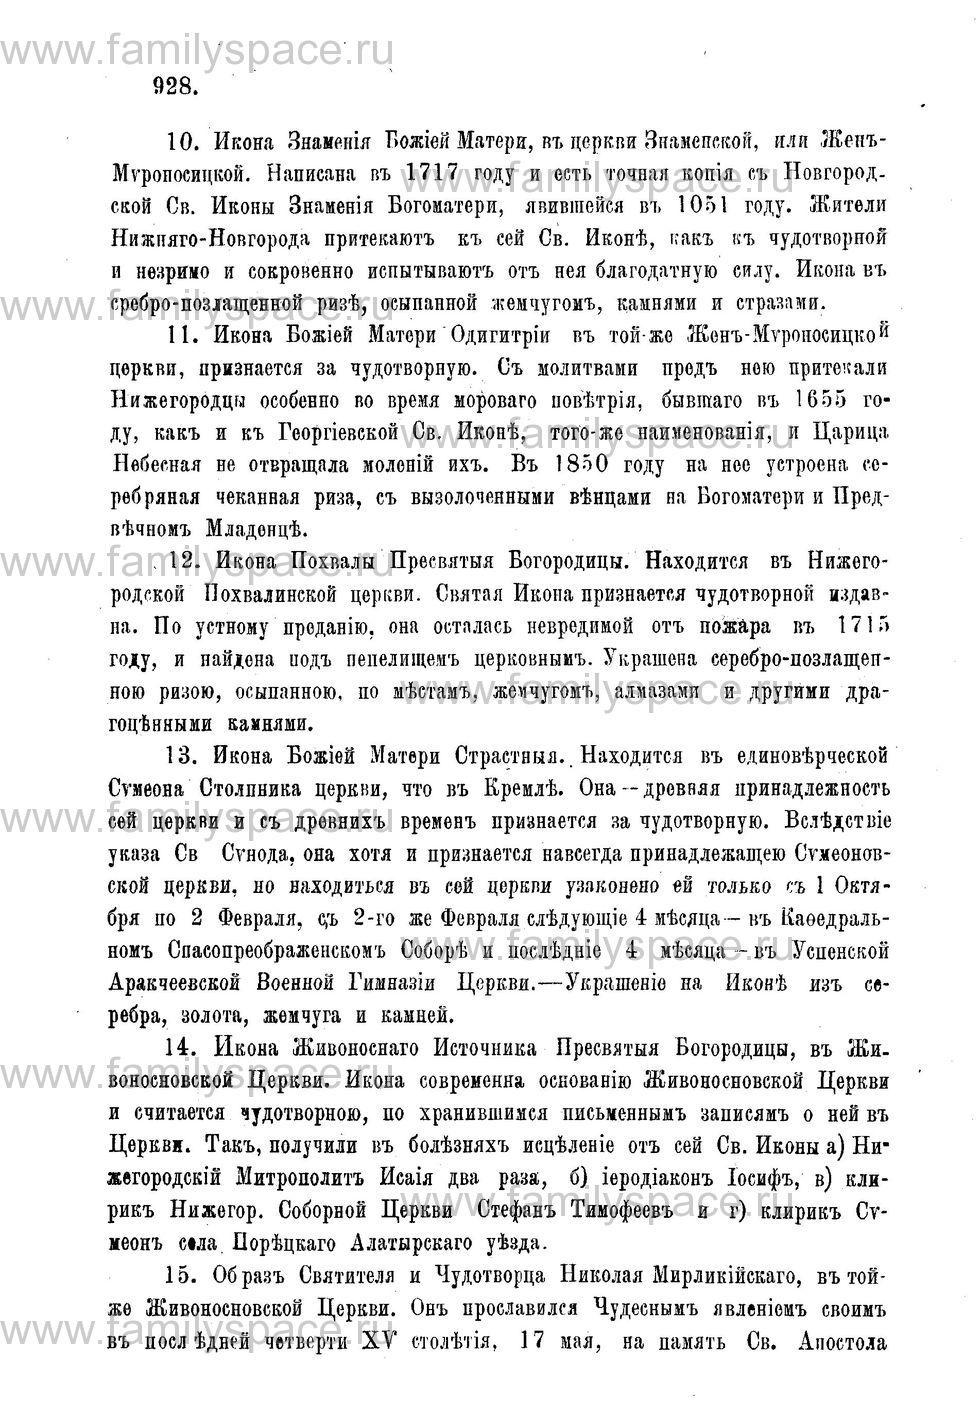 Поиск по фамилии - Адрес-календарь Нижегородской епархии на 1888 год, страница 1928